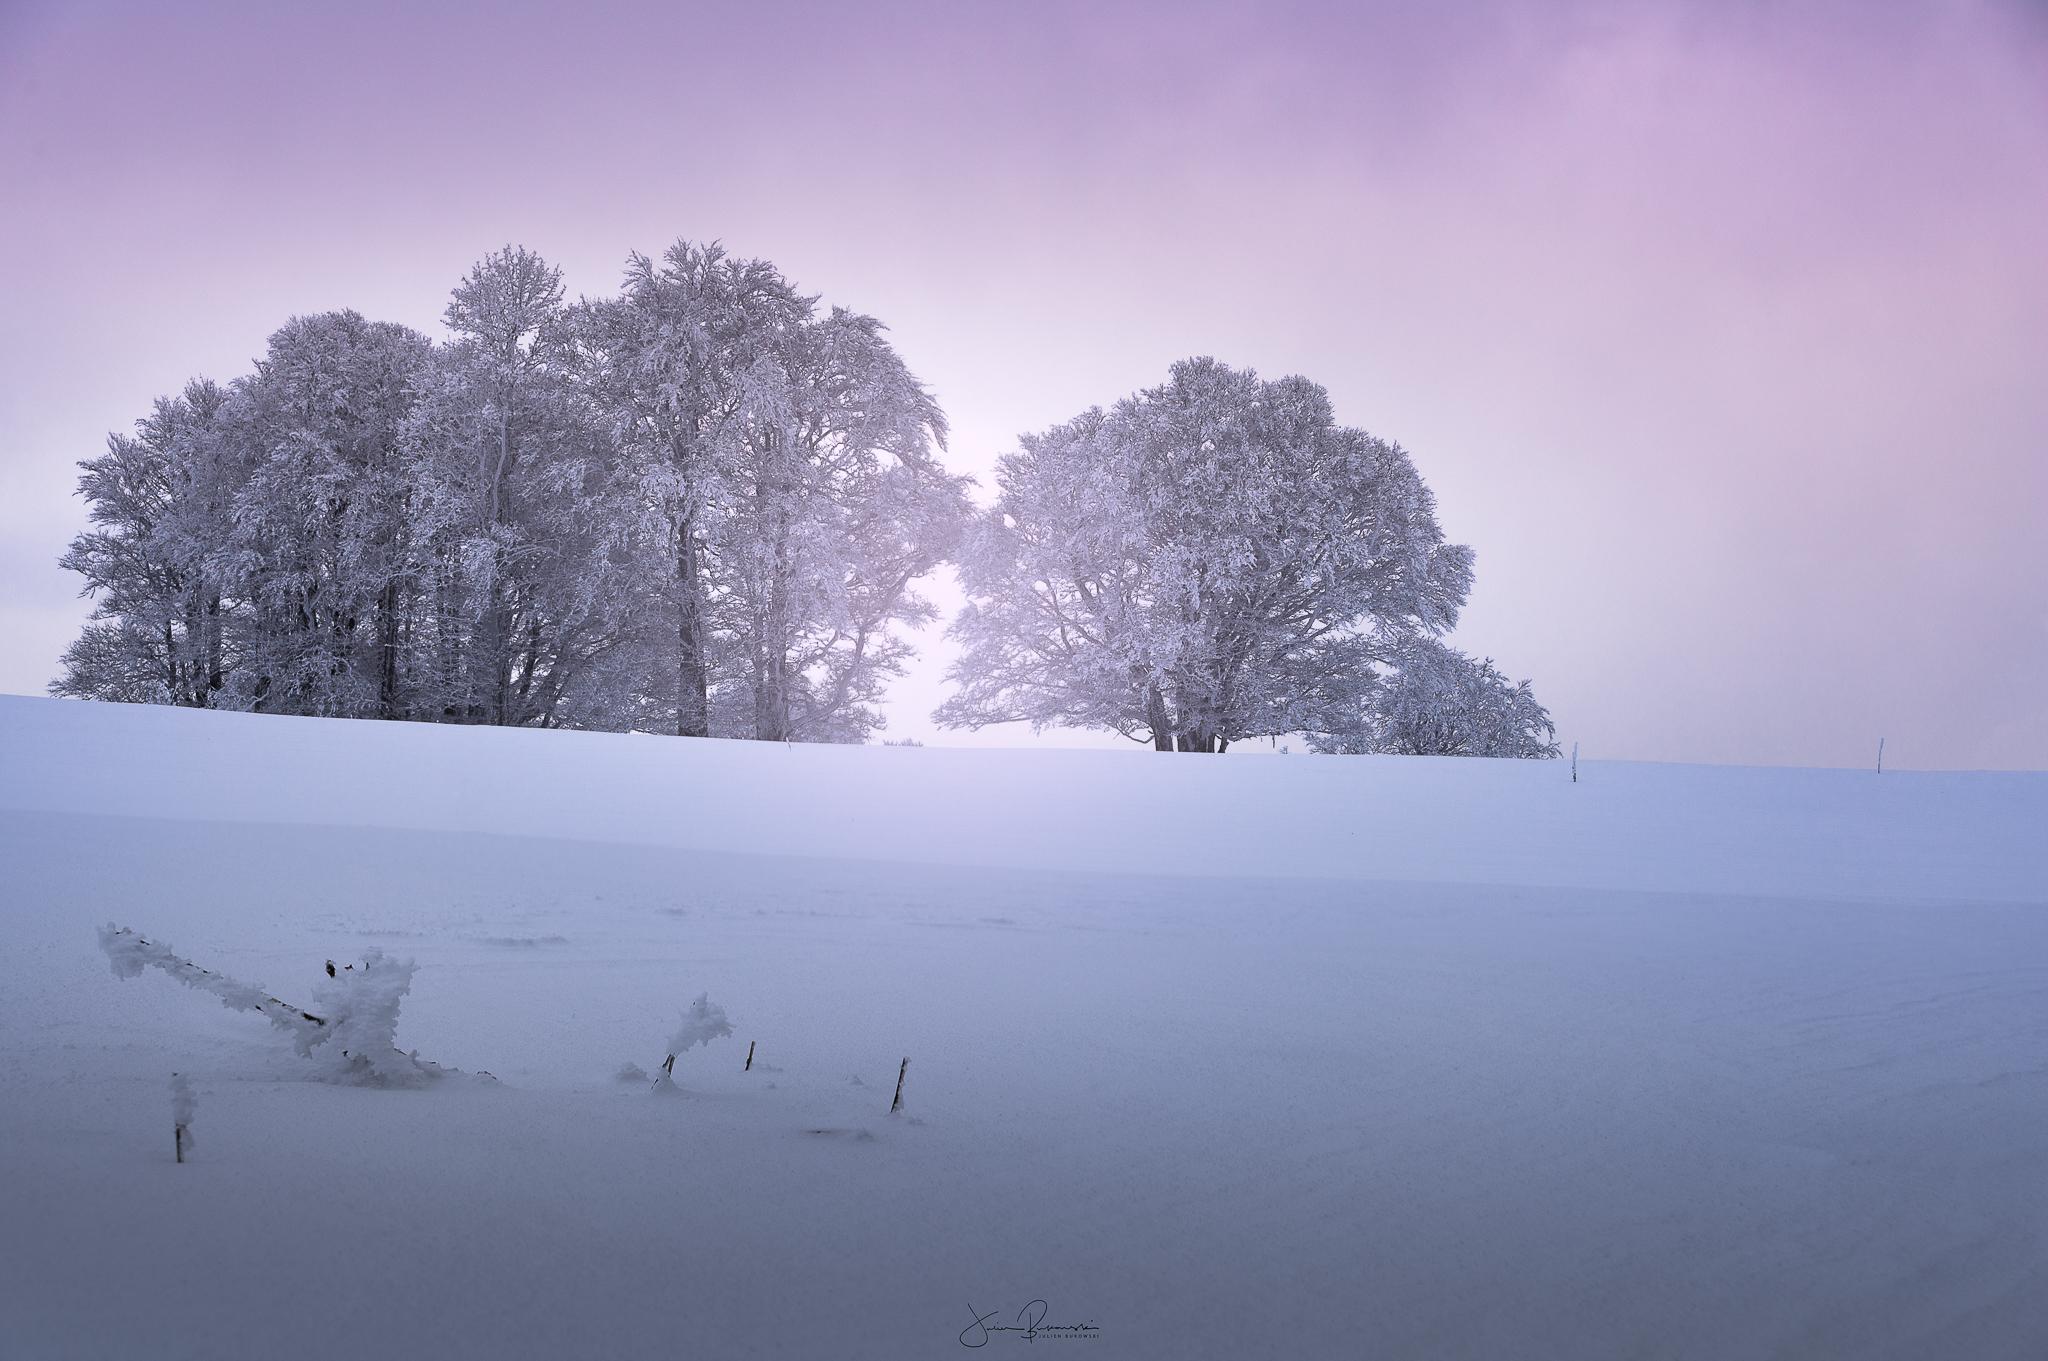 Light in the tree (Van Hollow - Suisse)